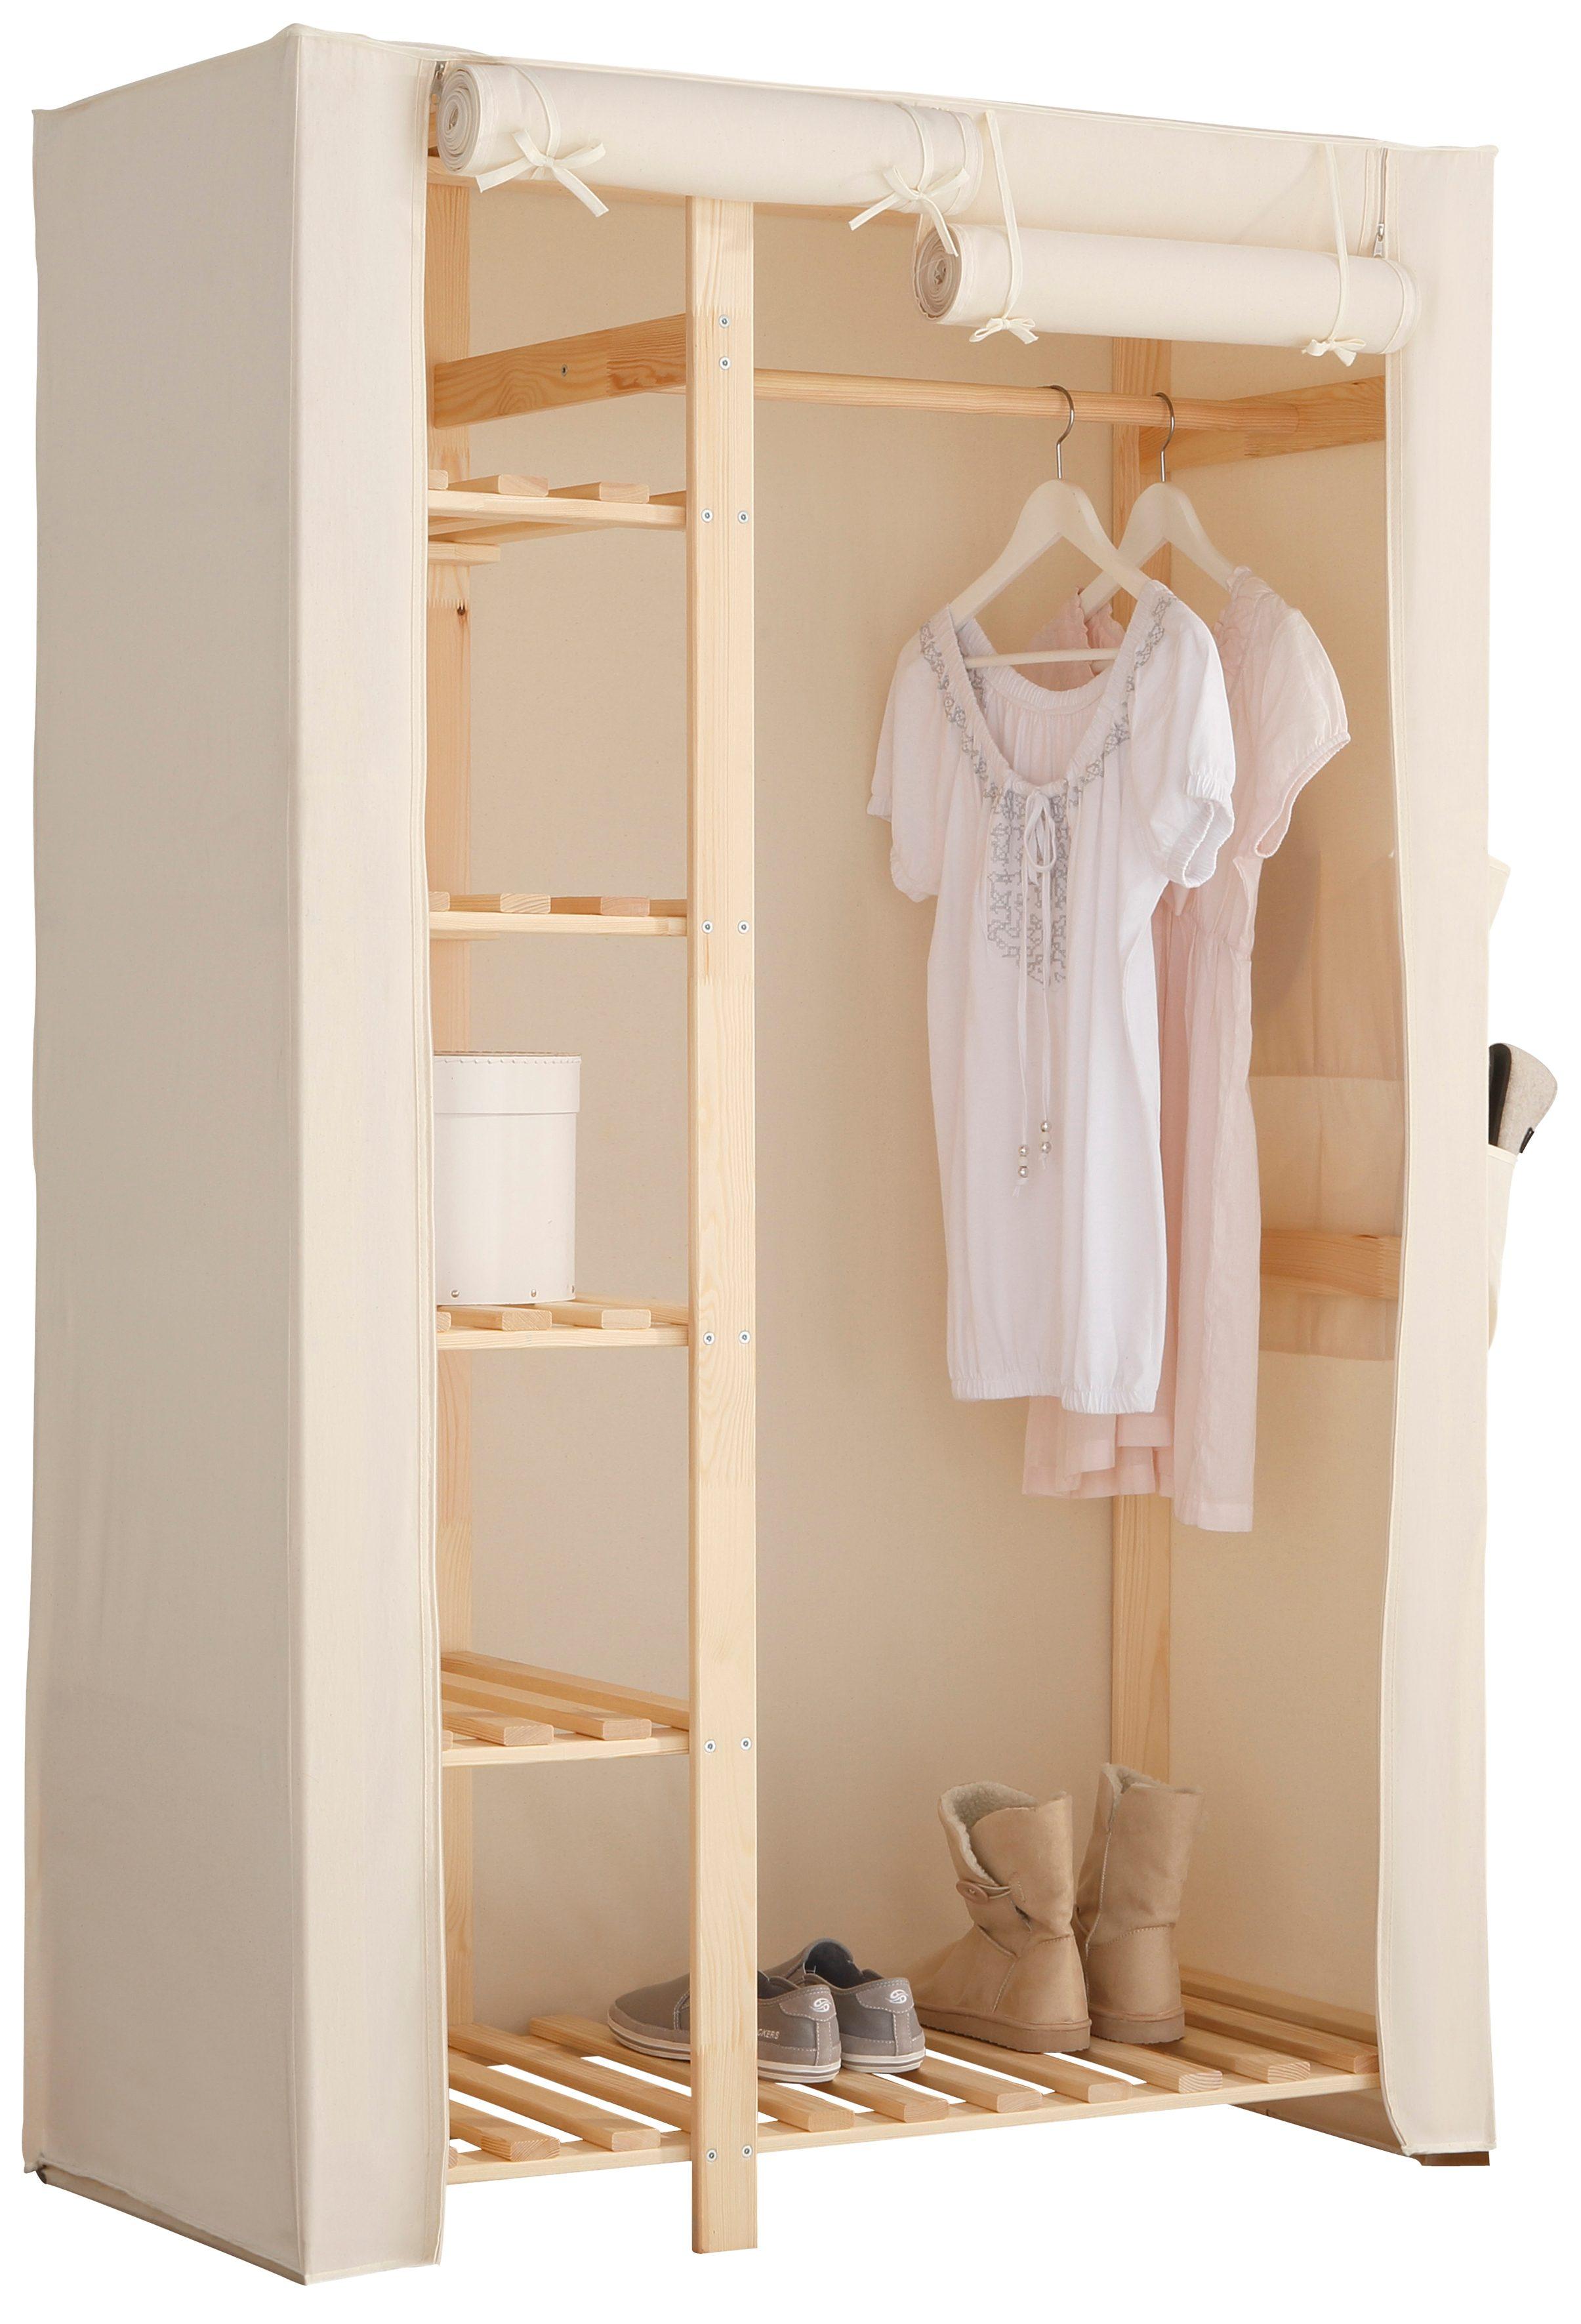 Home affaire Stoffschrank »Lili« | Schlafzimmer > Kleiderschränke > Ordnungssysteme | Natur | Massiver - Kiefer - Polyester | HOME AFFAIRE